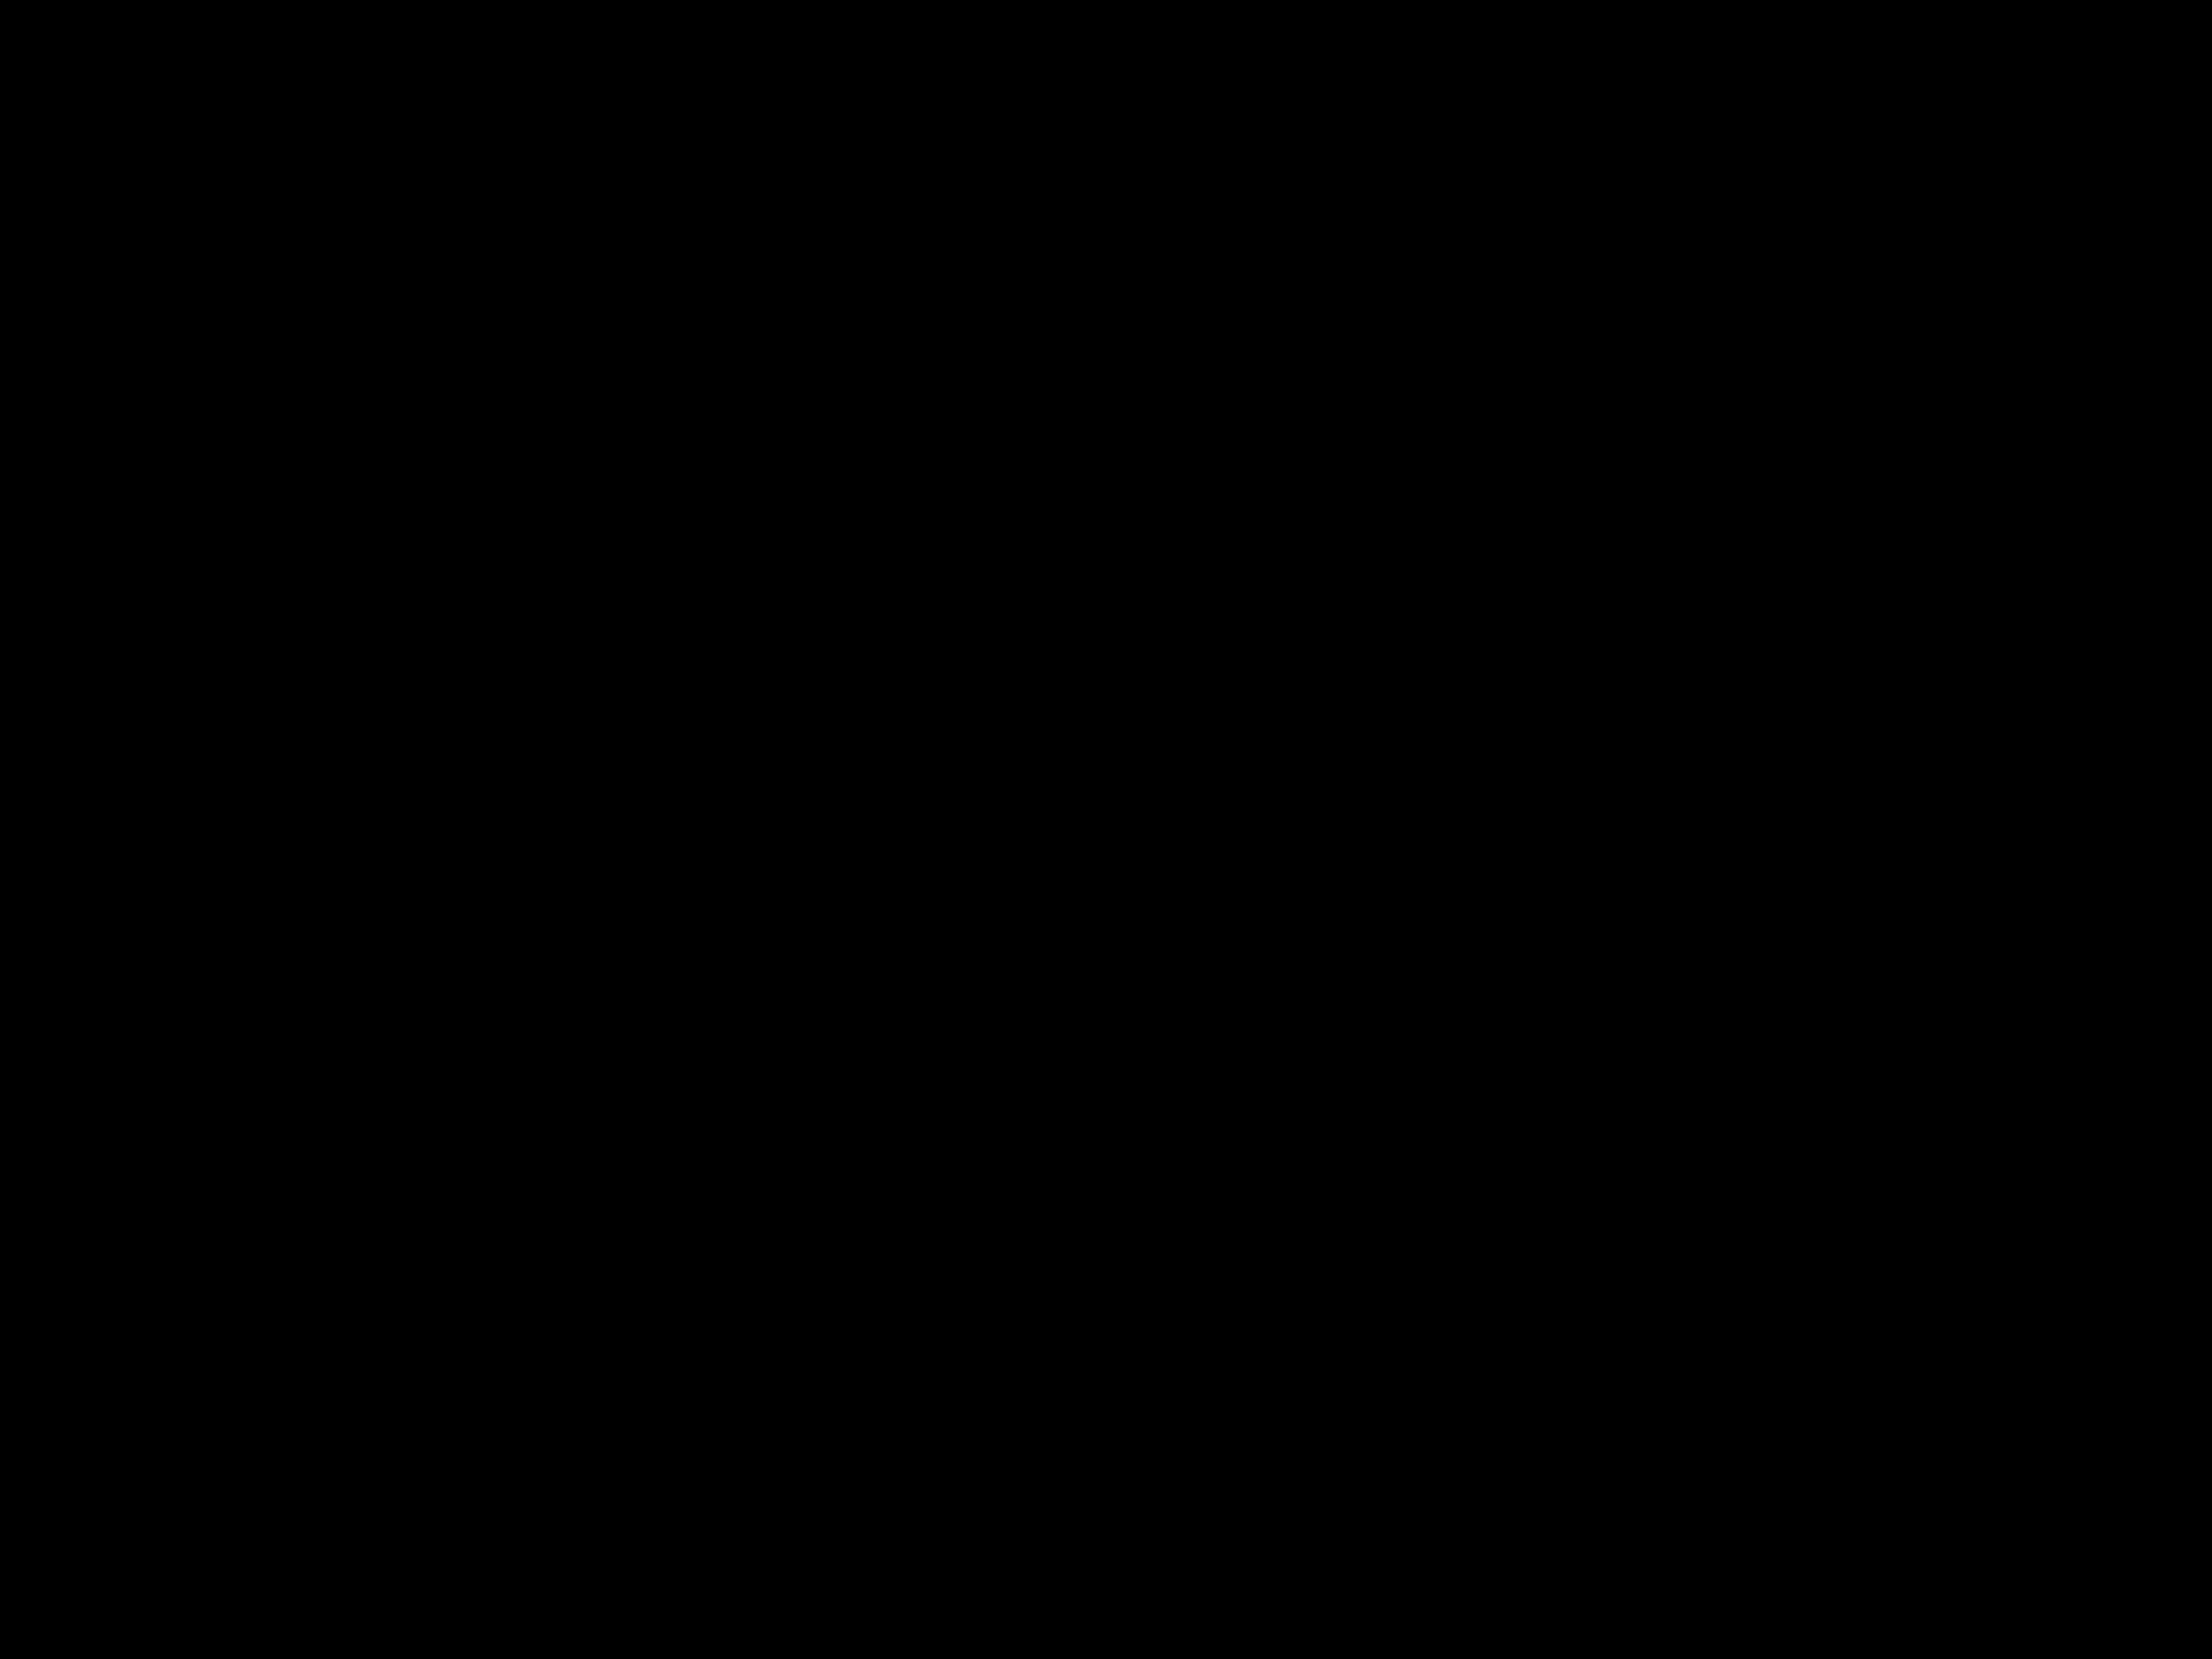 Niedlich Druckbare Frucht Malvorlagen Für Kinder Bilder - Entry ...